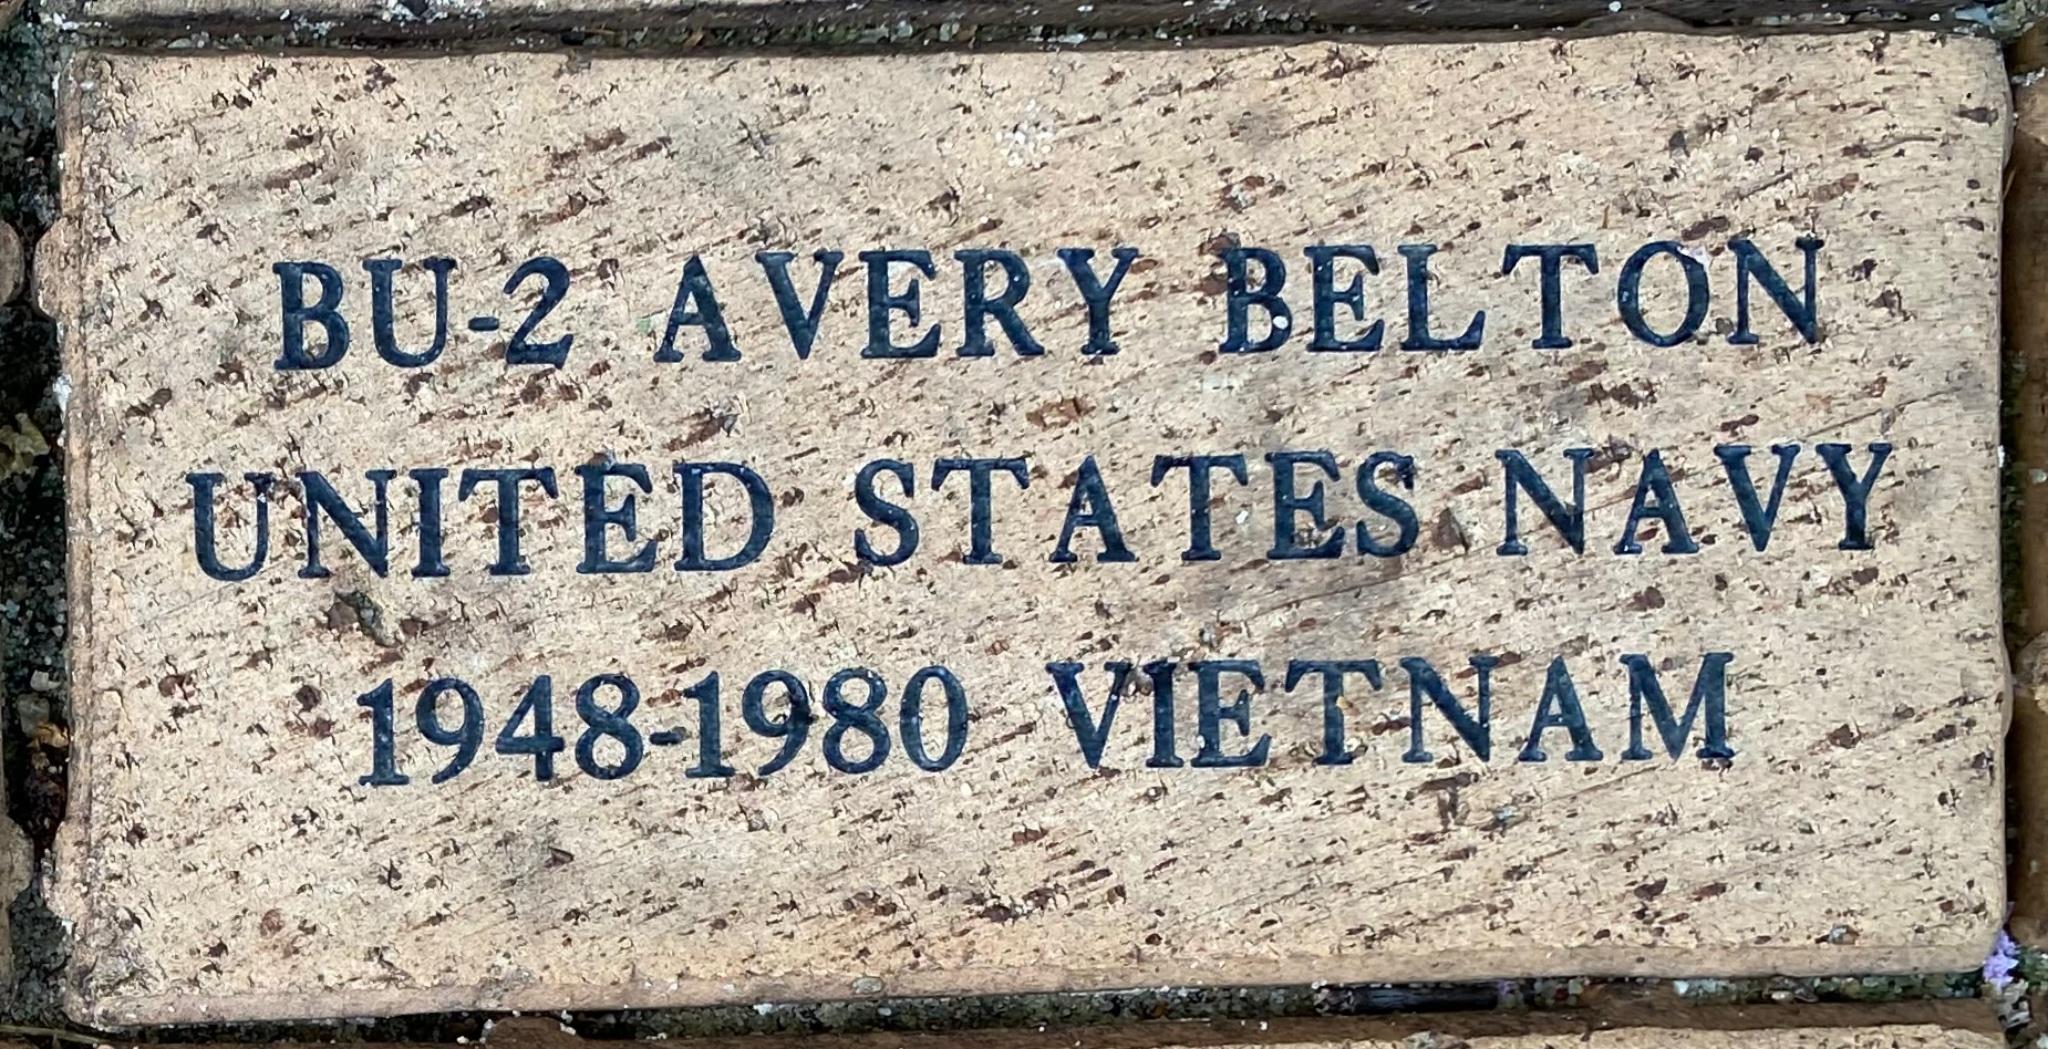 BU-2 AVERY BELTON UNITED STATES NAVY 1948-1980 VIETNAM